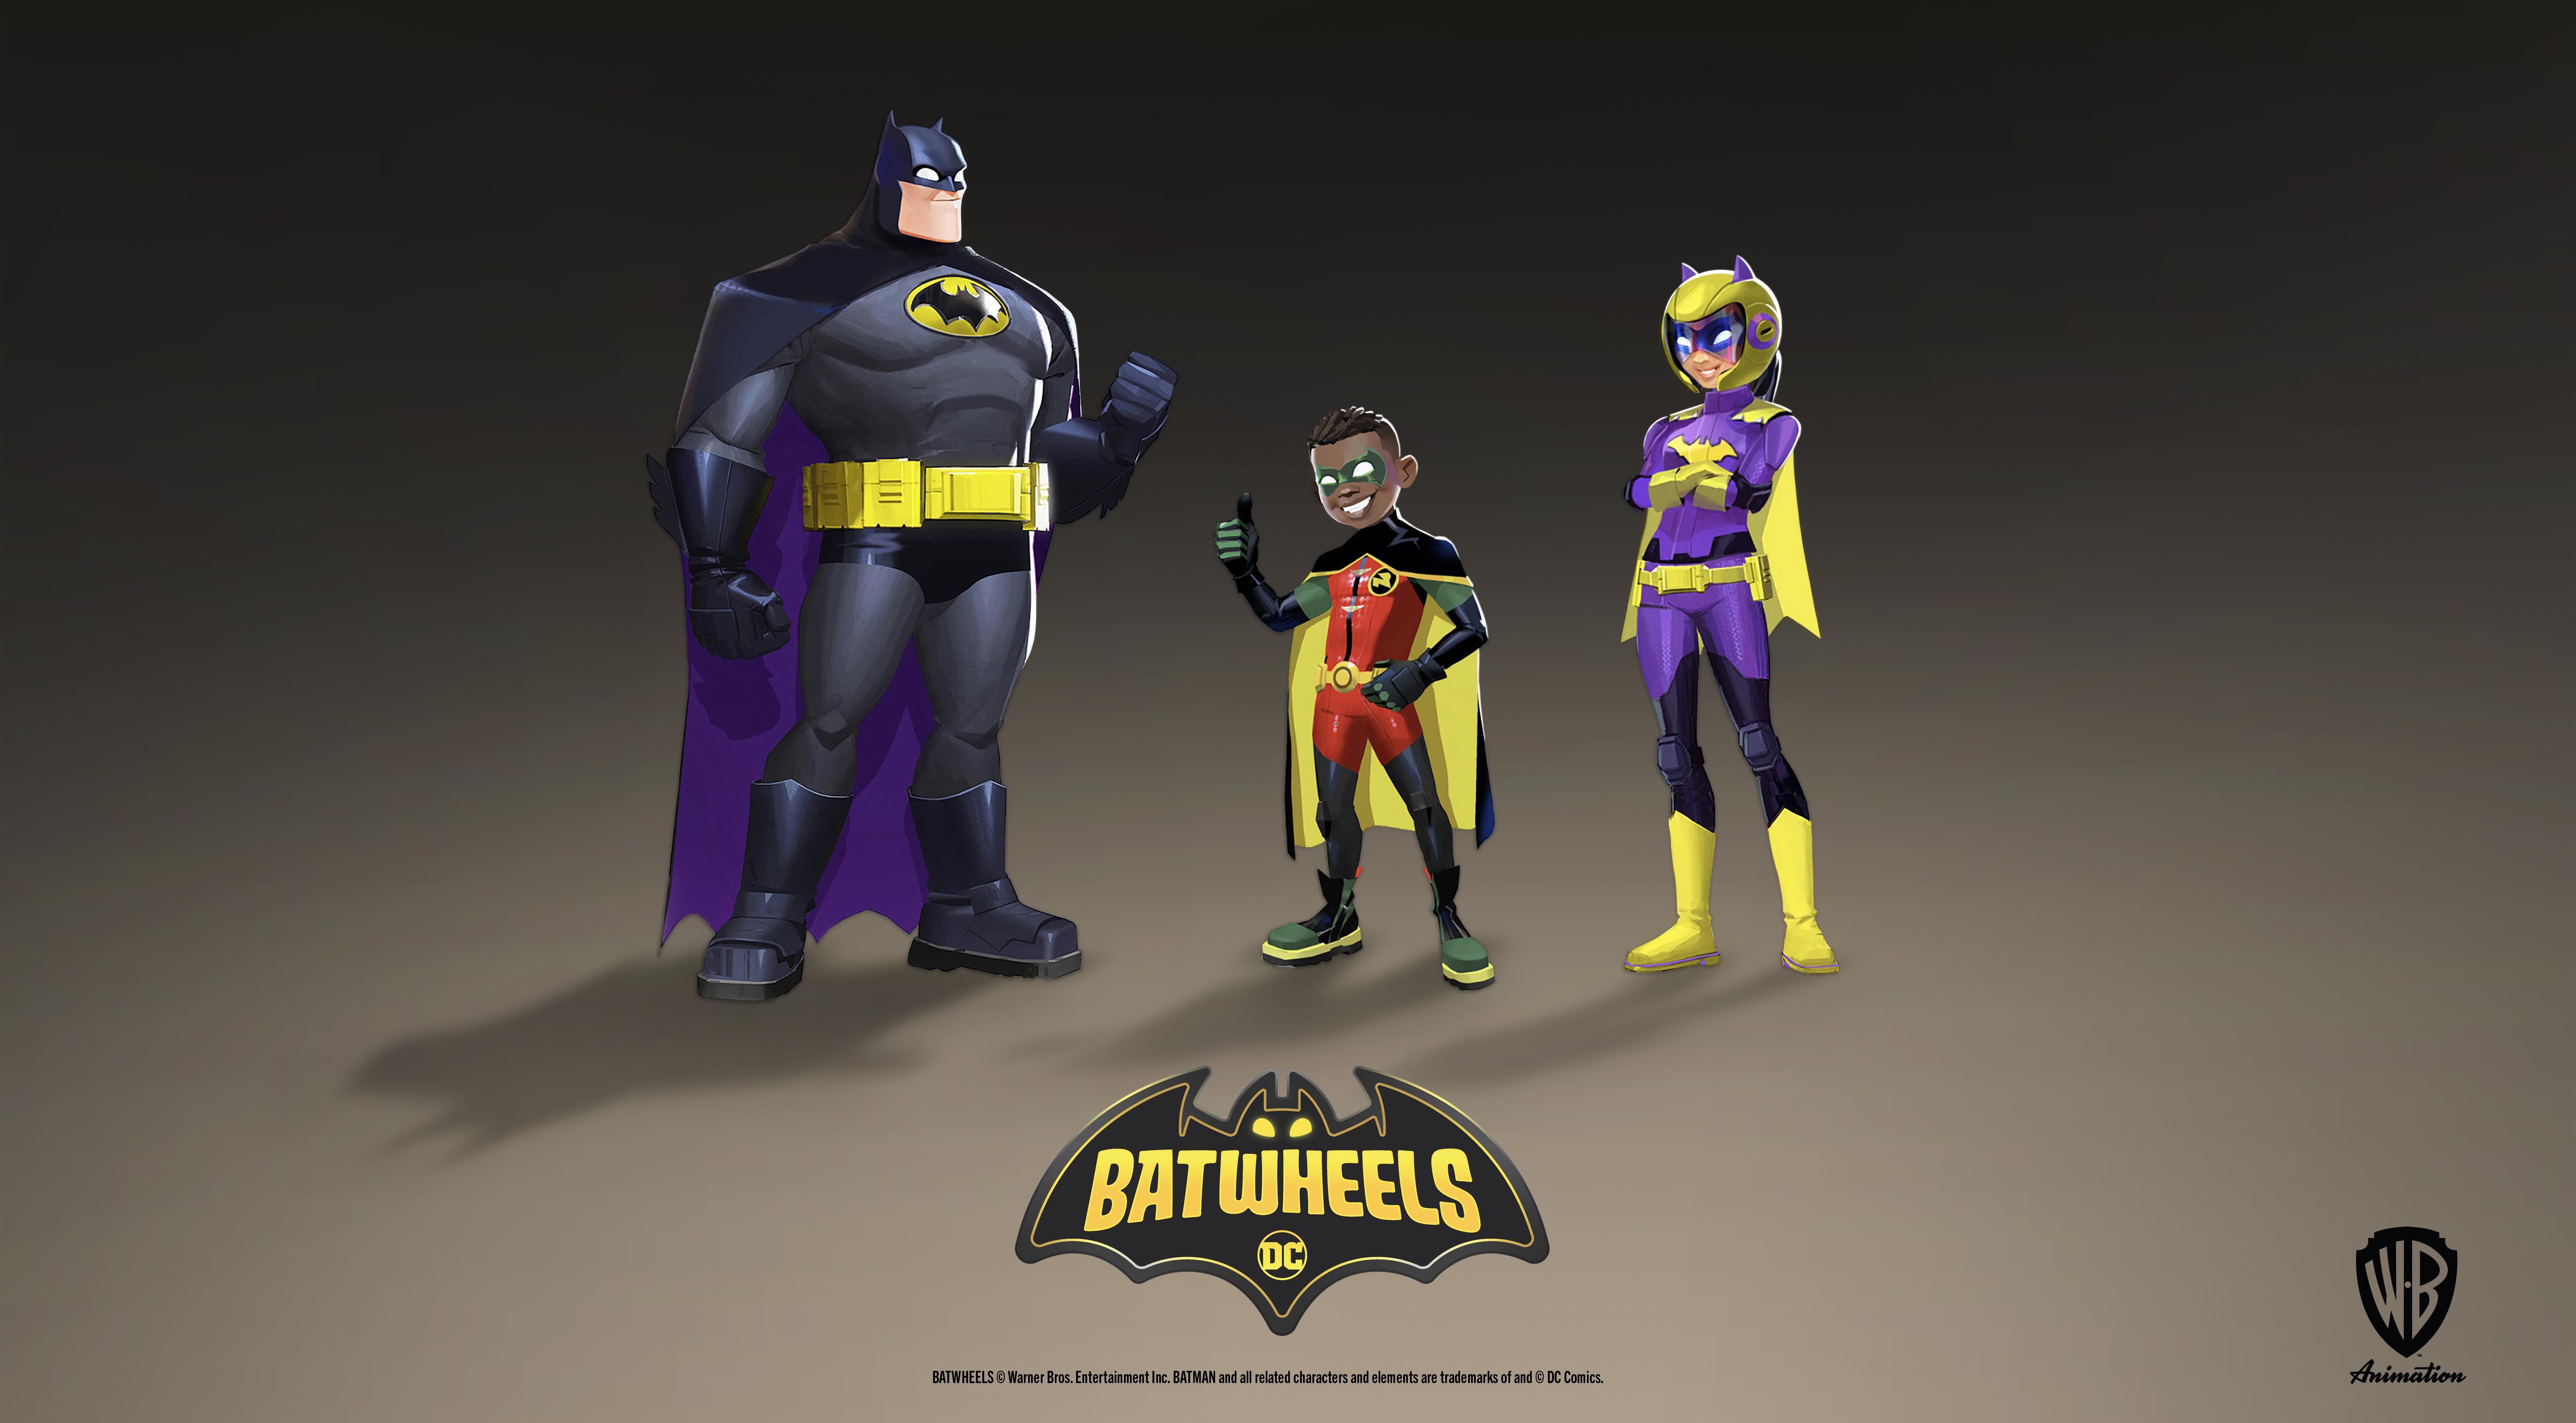 Batwheels Cast Announcement Art